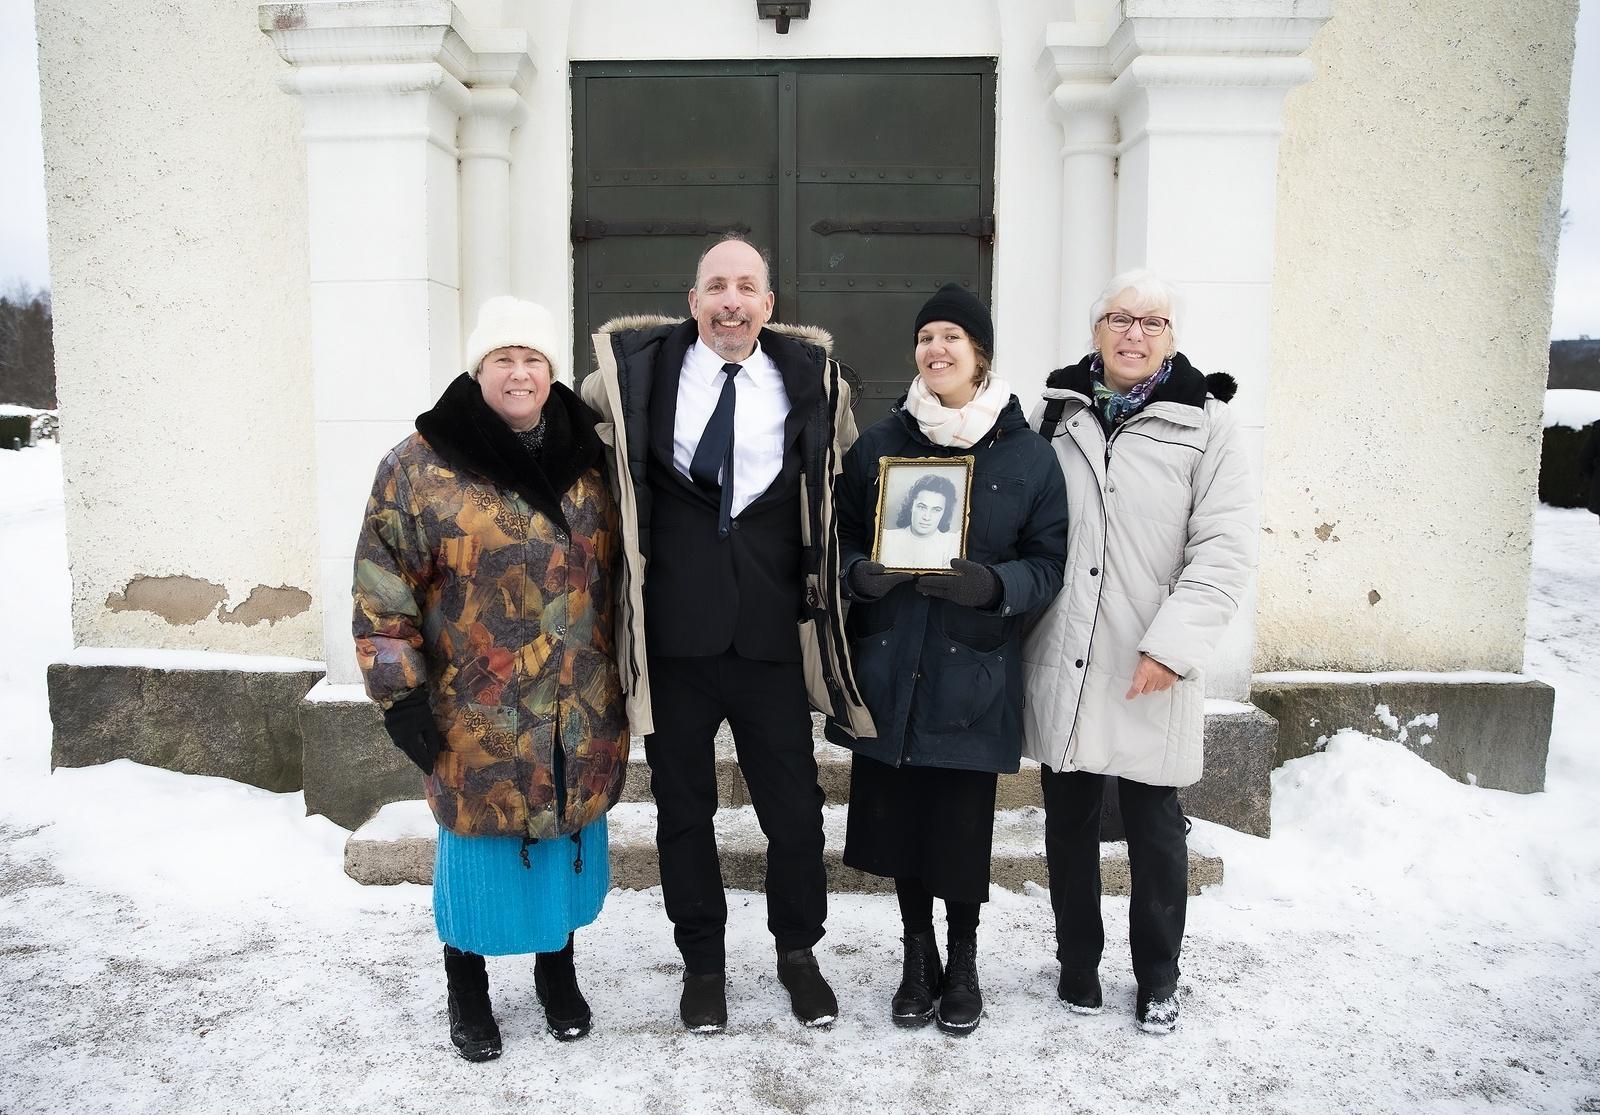 Iris och Adrianna tillsammans med Jan-Erik Pawlus och Iris kusin Eva Filipiak.